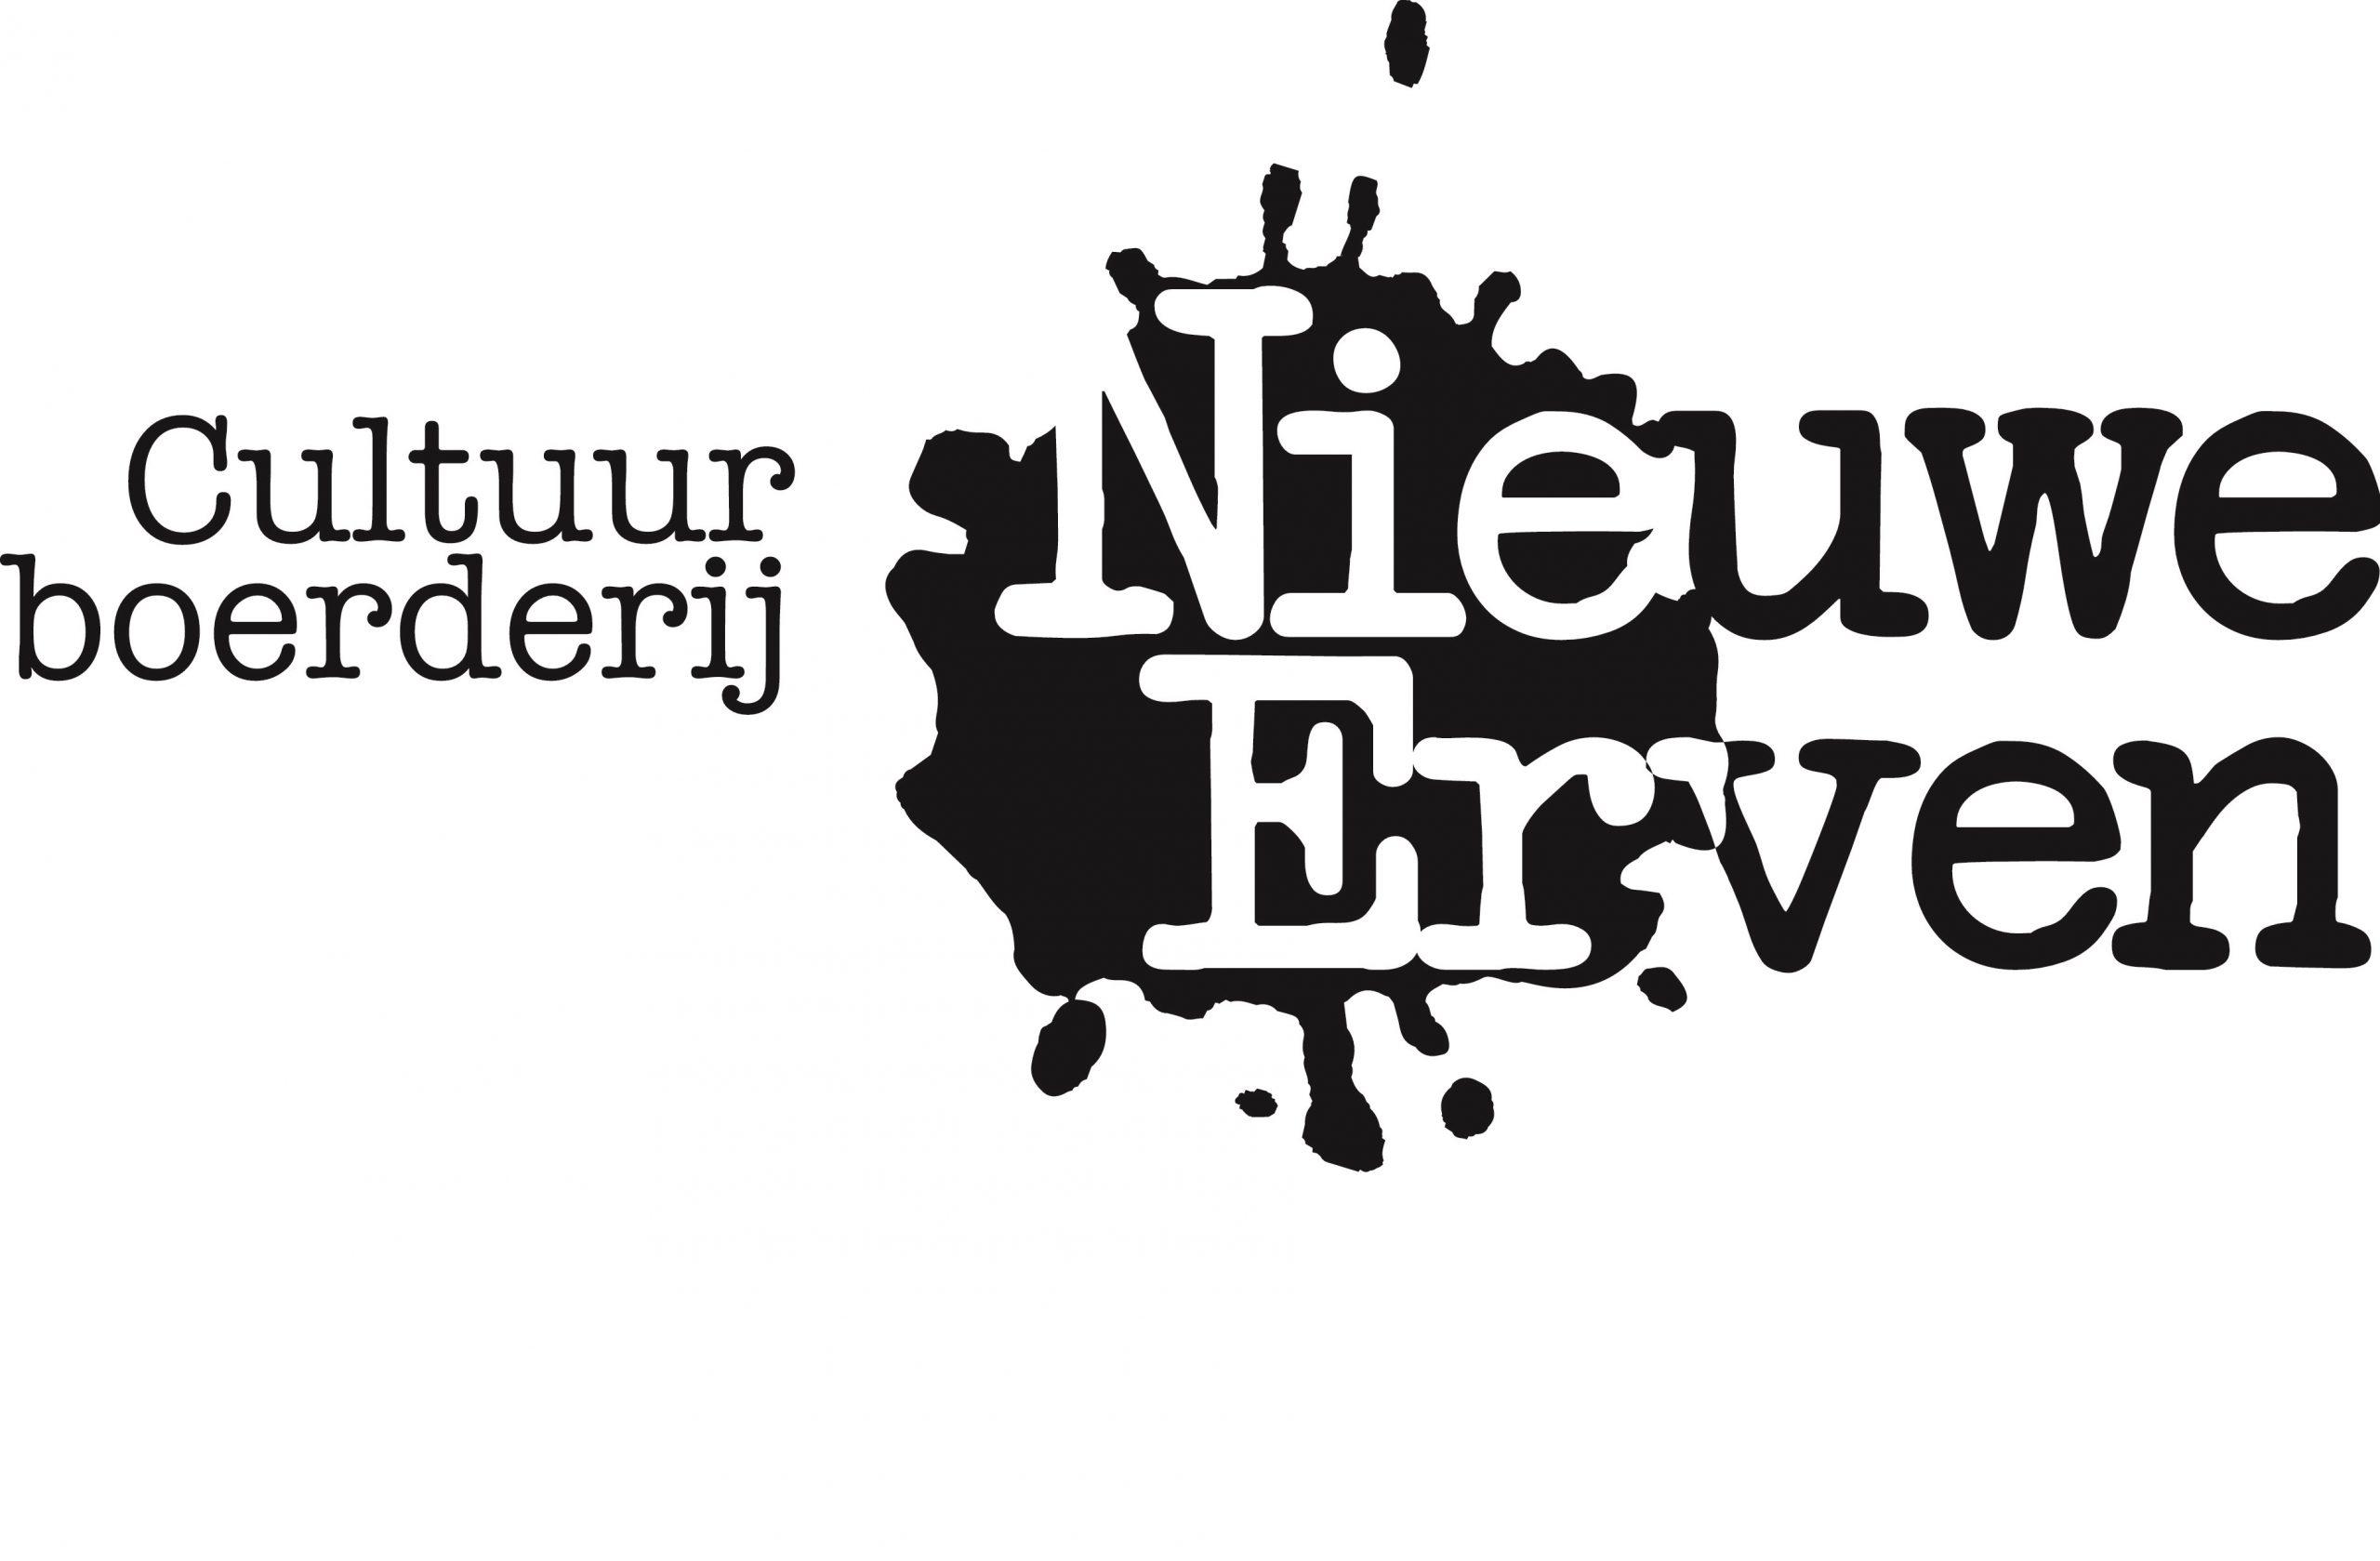 Cultuurboerderij Nieuwe Erven